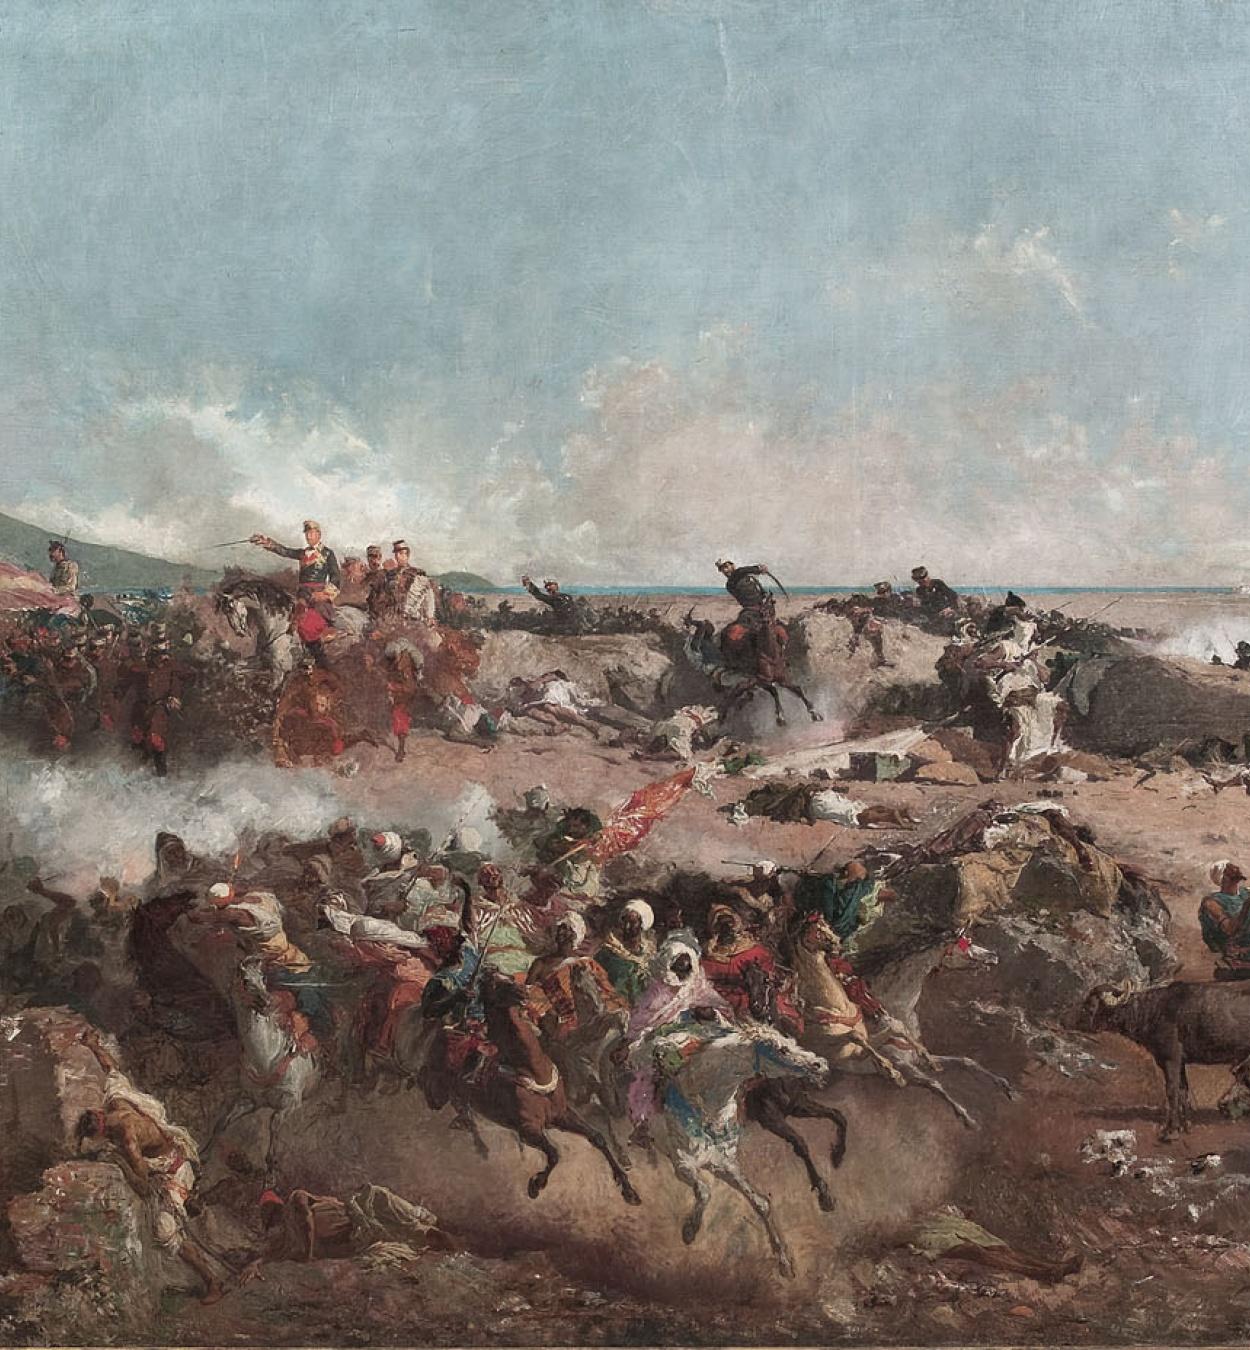 Museu Nacional d'Art de Catalunya | La batalla de Tetuan